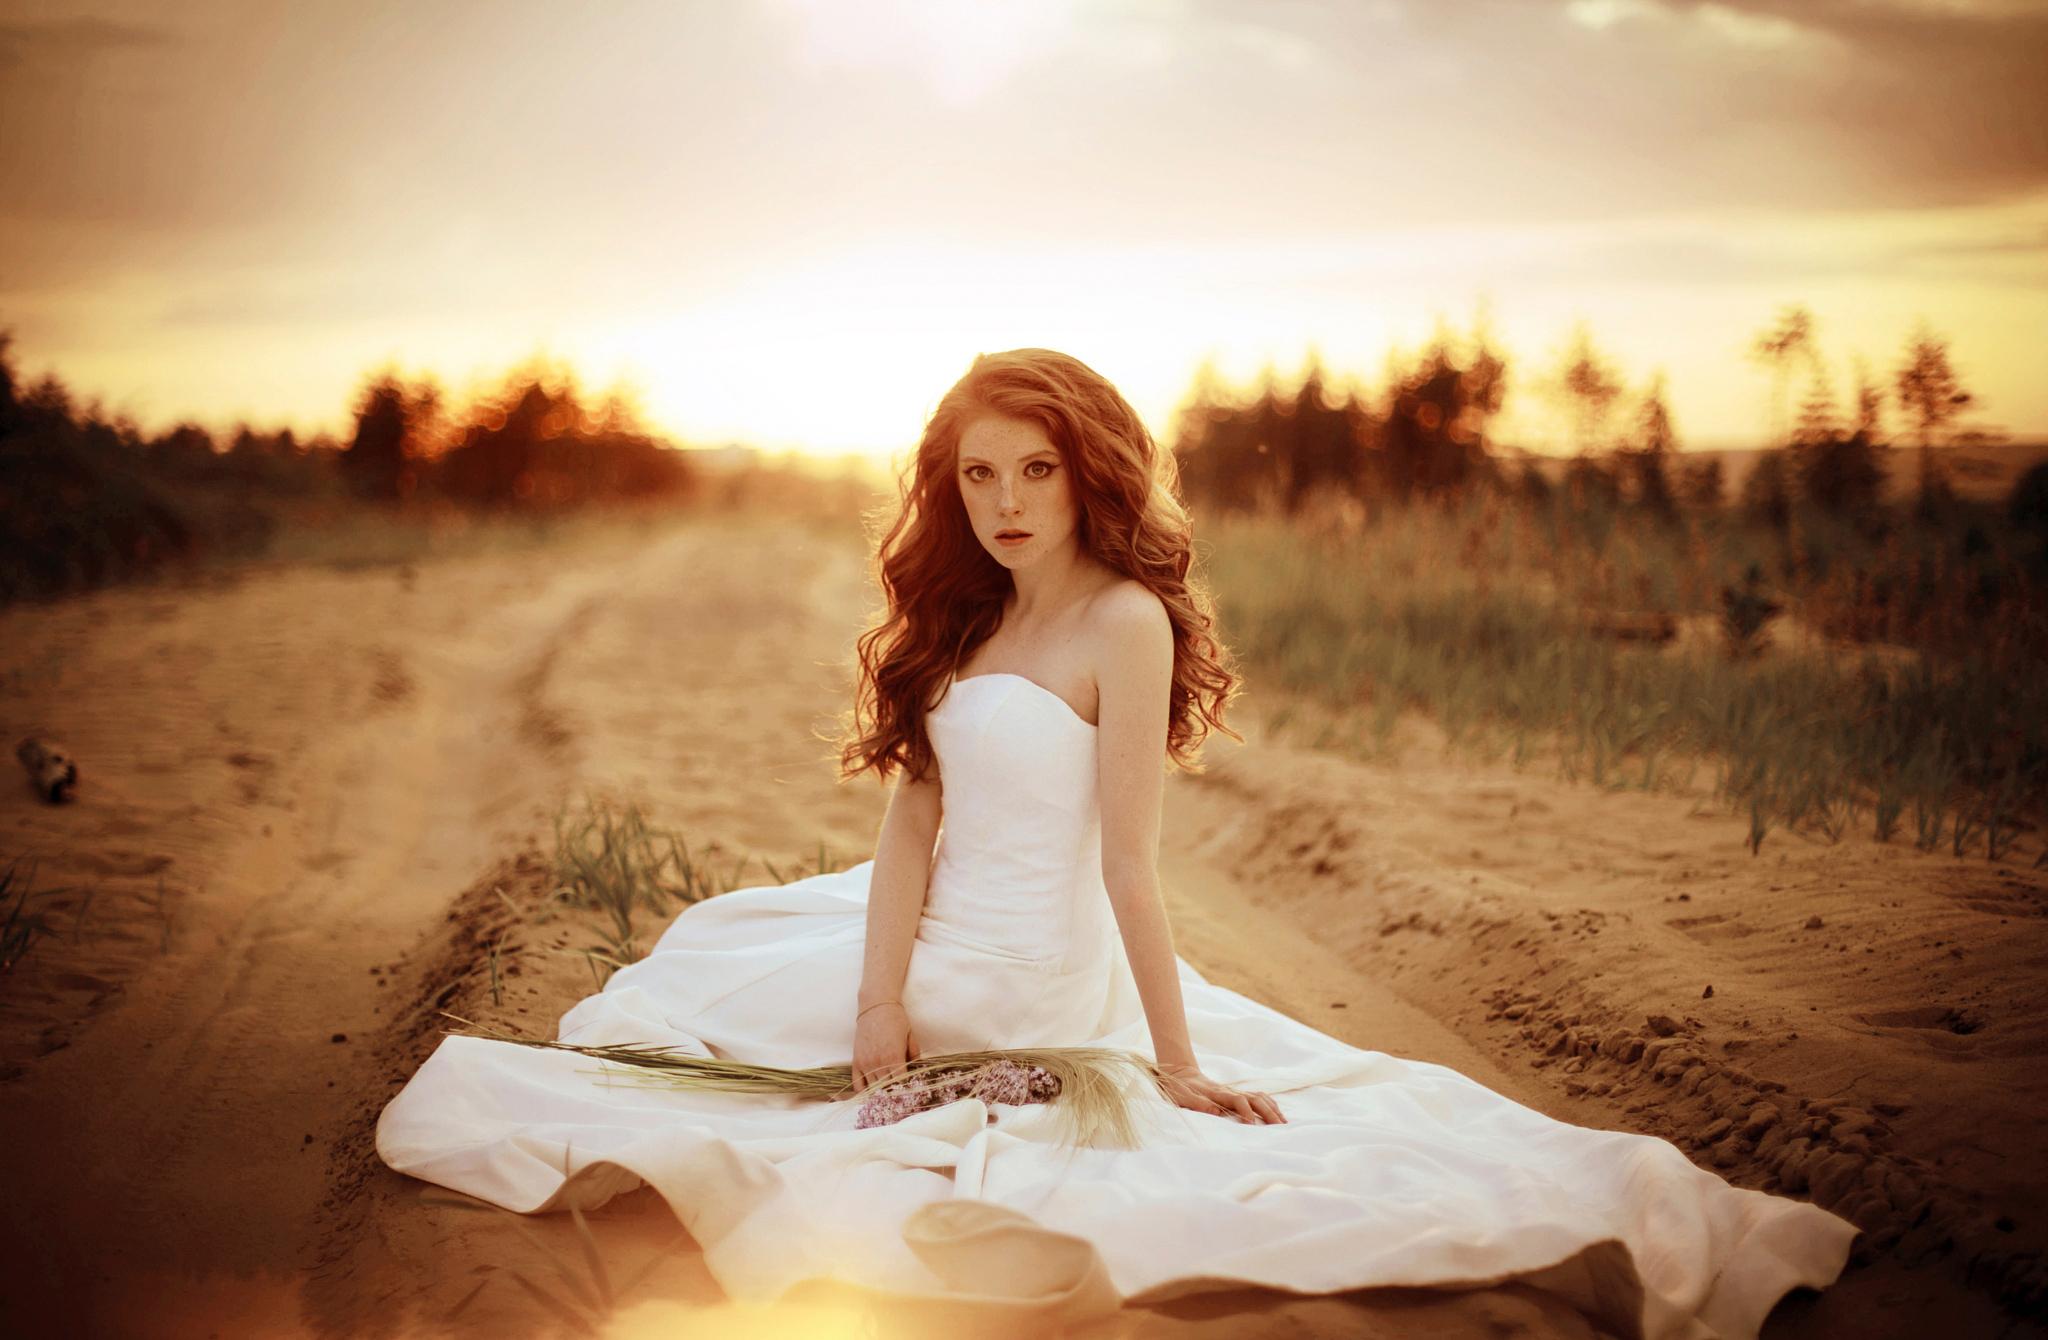 девушка книга природа блондинка белое платье  № 3833030 бесплатно